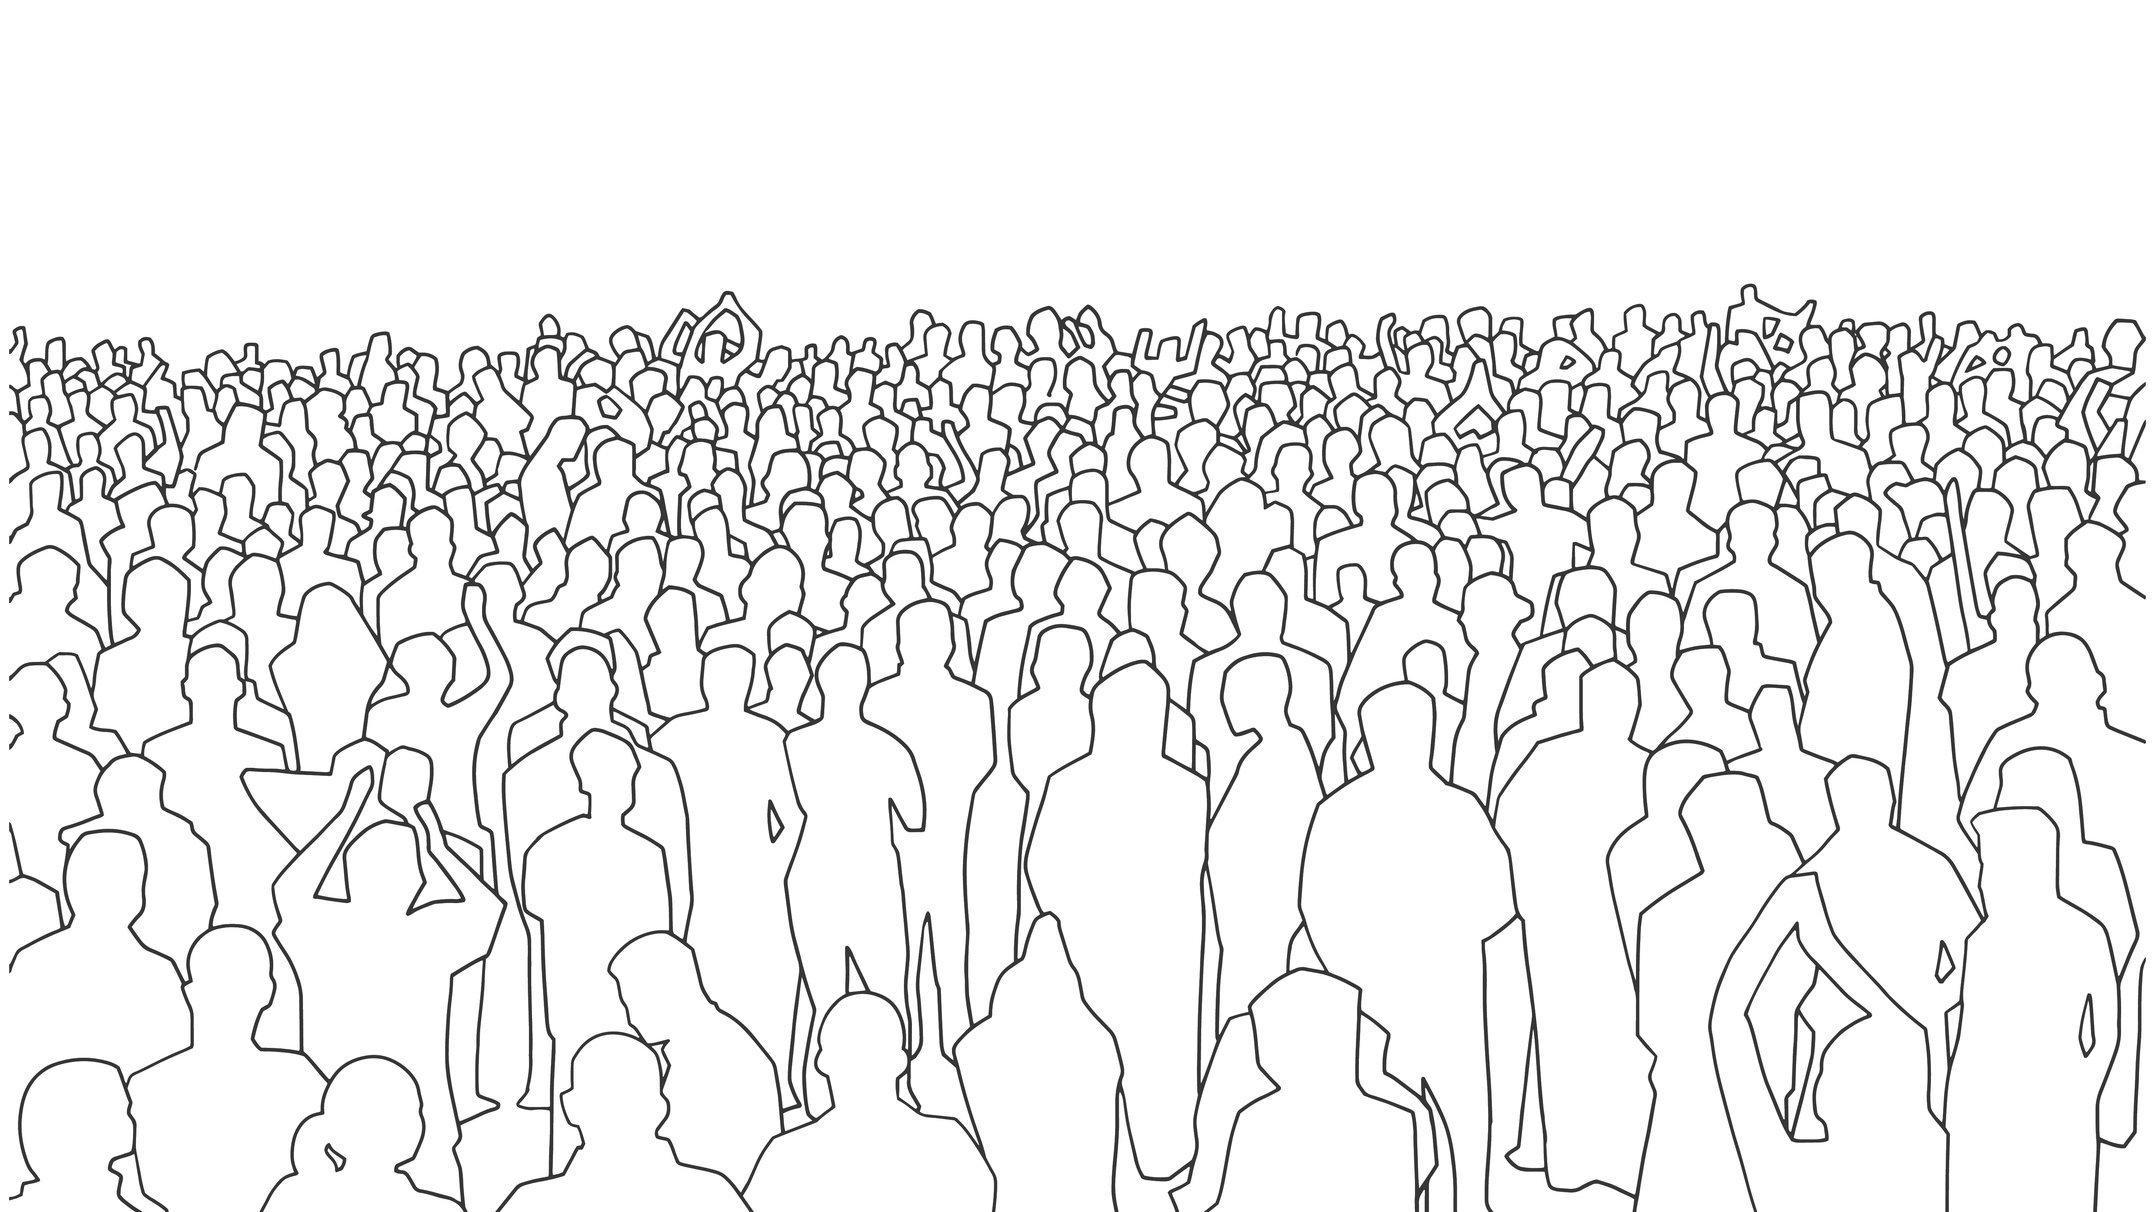 Symbolische Darstellung eine Menschenmenge